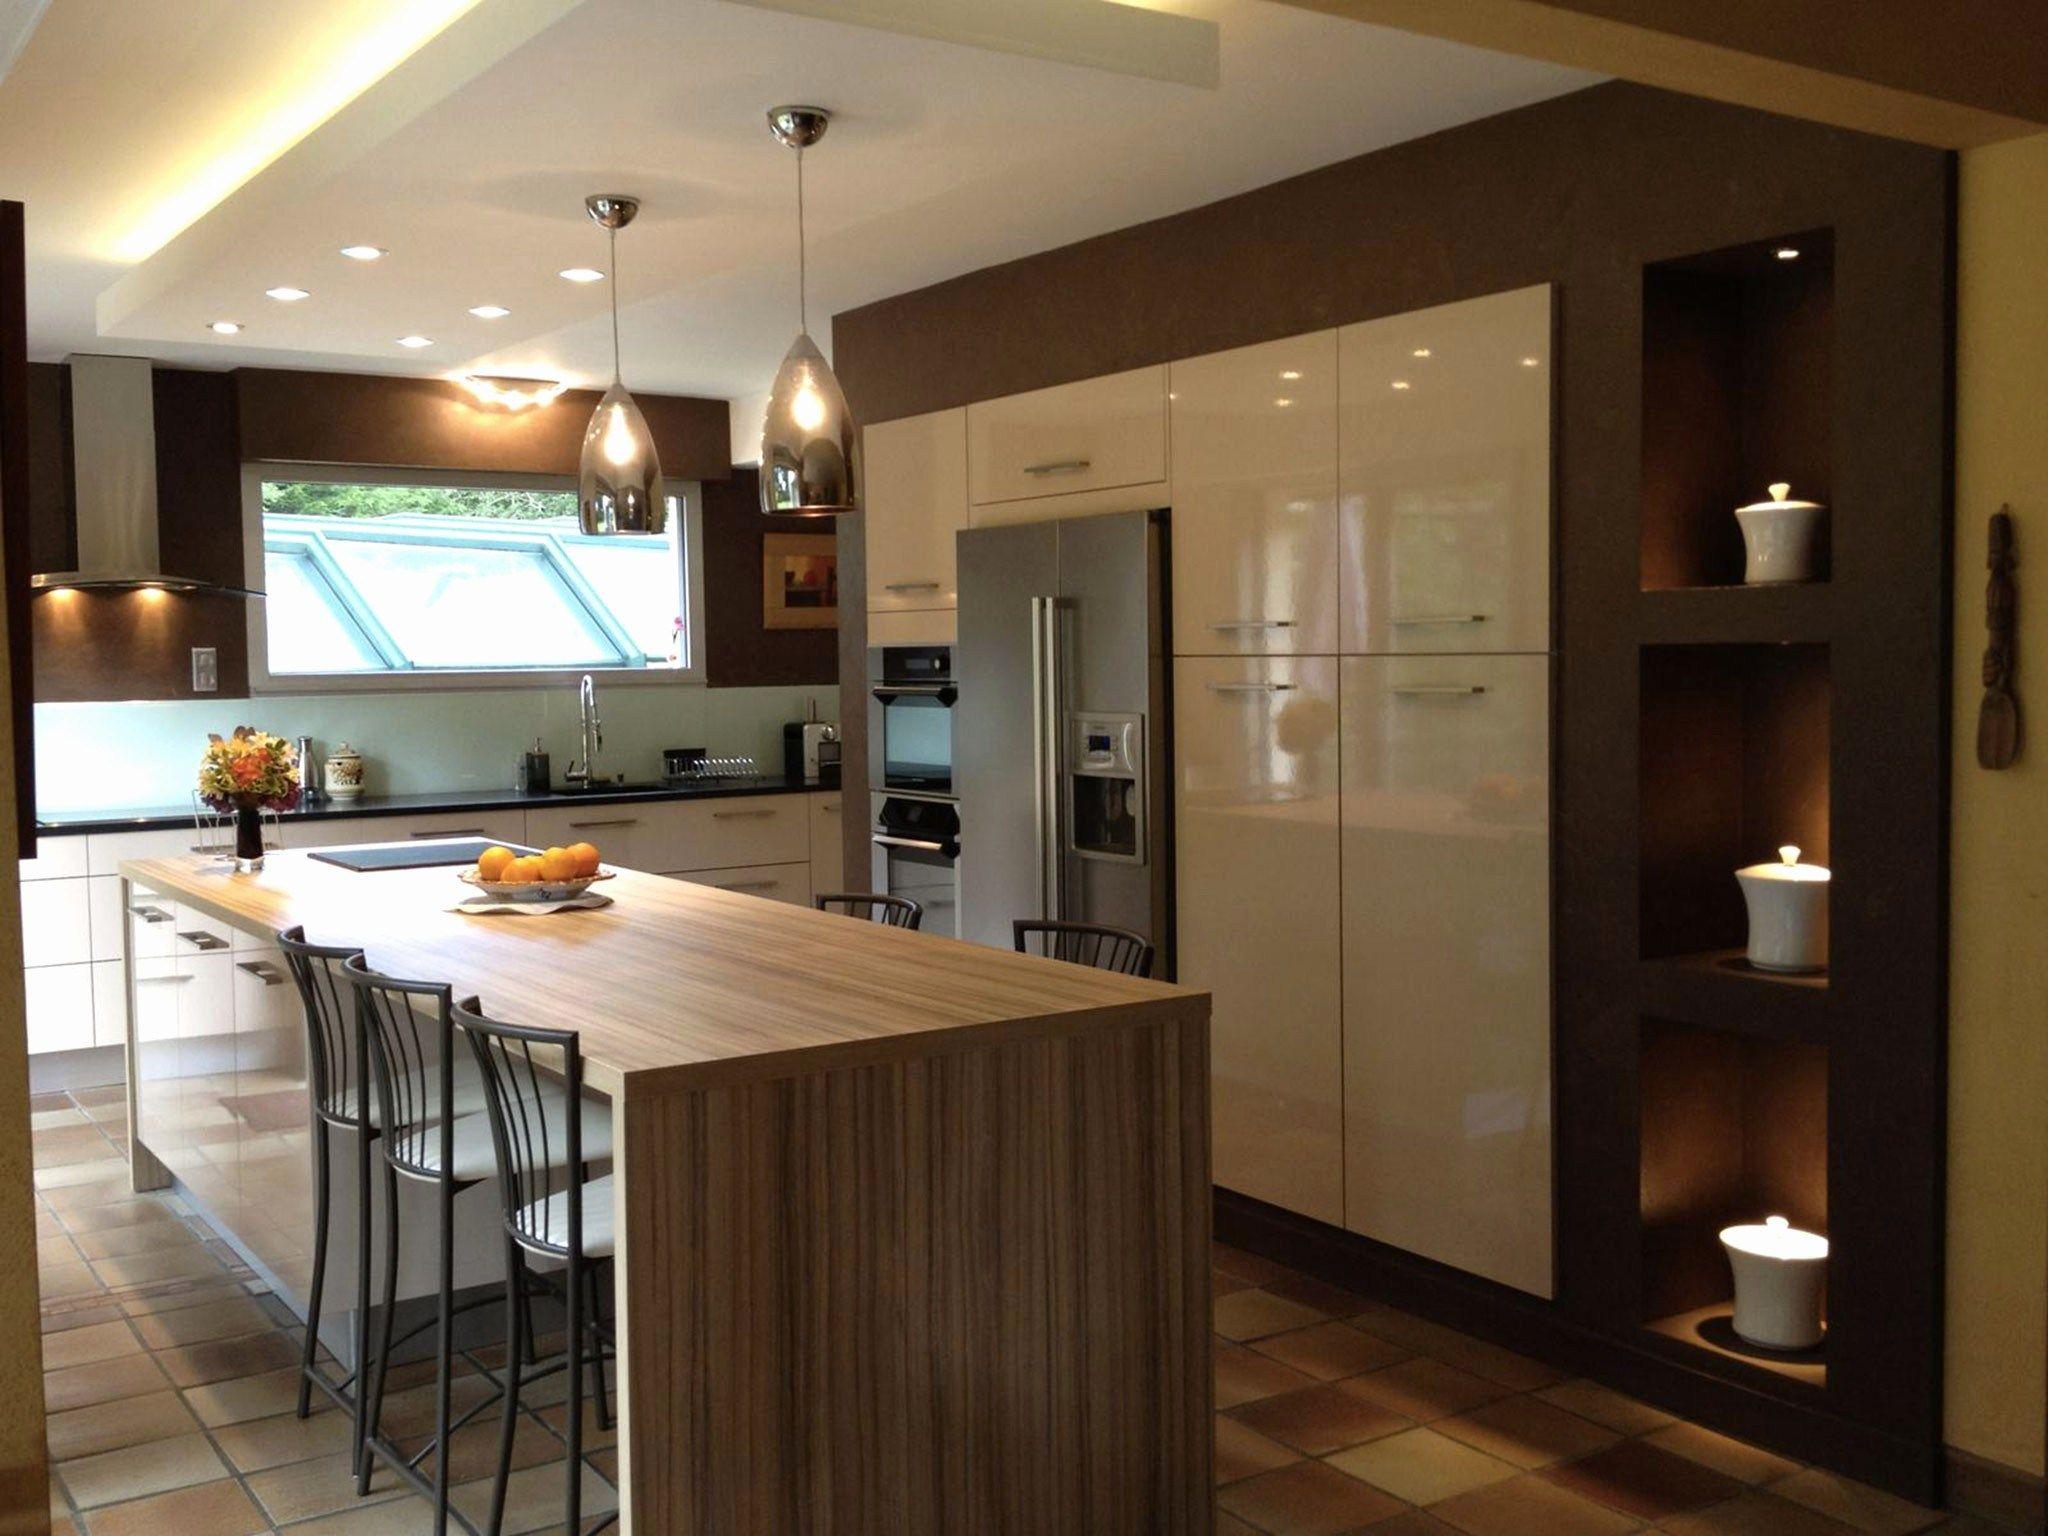 Luxury Cuisine Americaine Avec Ilot Centrale Pour Manger Kitchen Design Cuisine Design Kitchen Colors